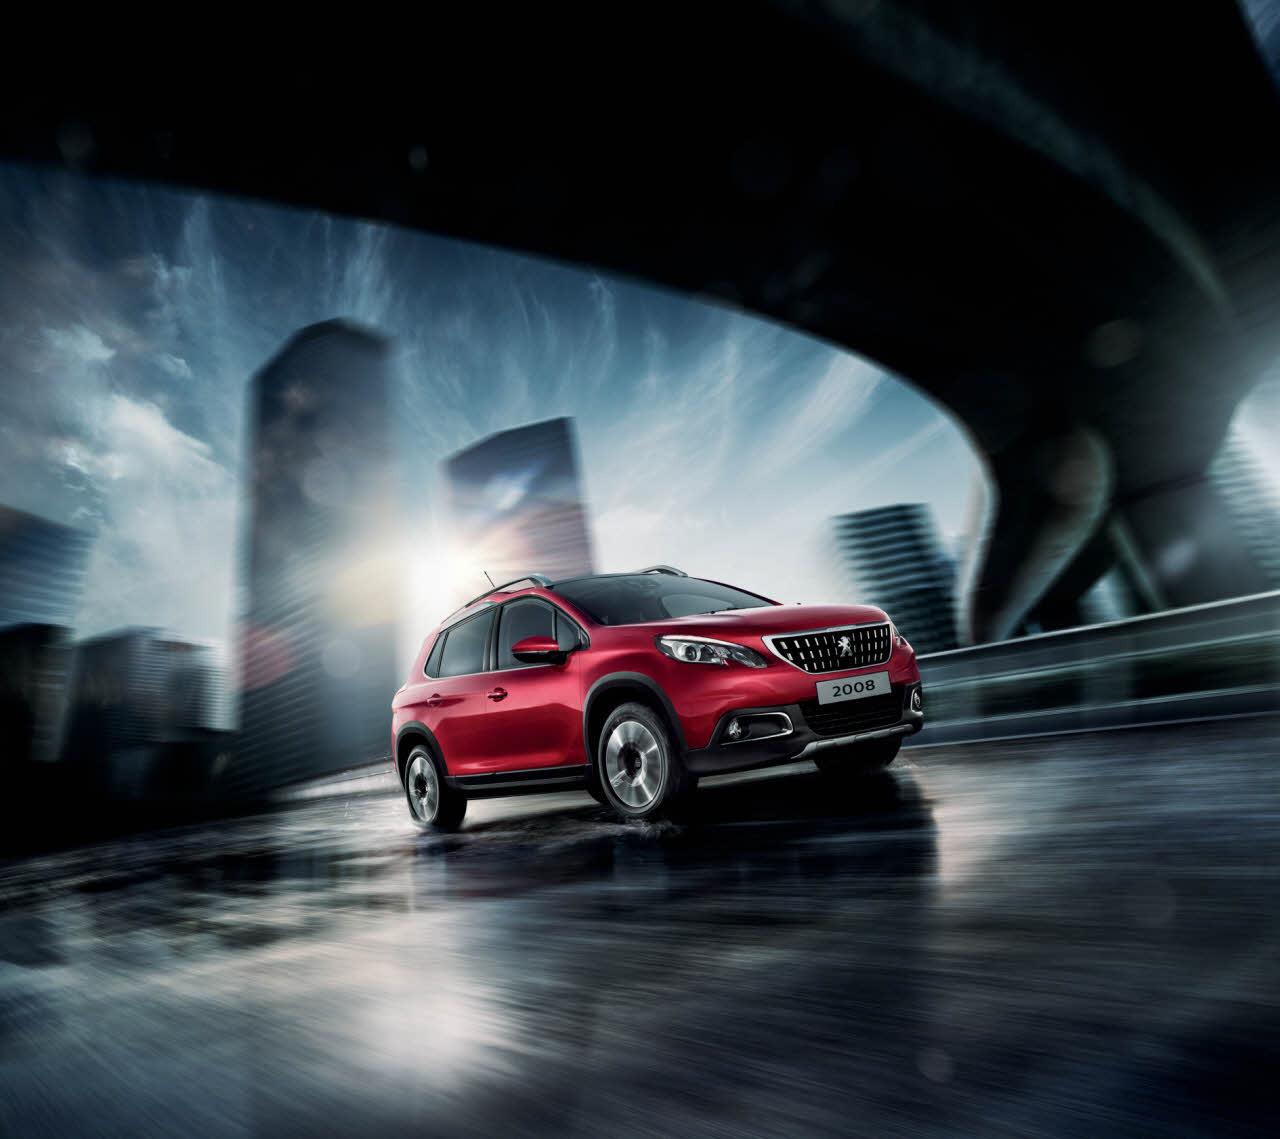 Peugeot Test-Drive Fest - лучший способ провести выходные 1